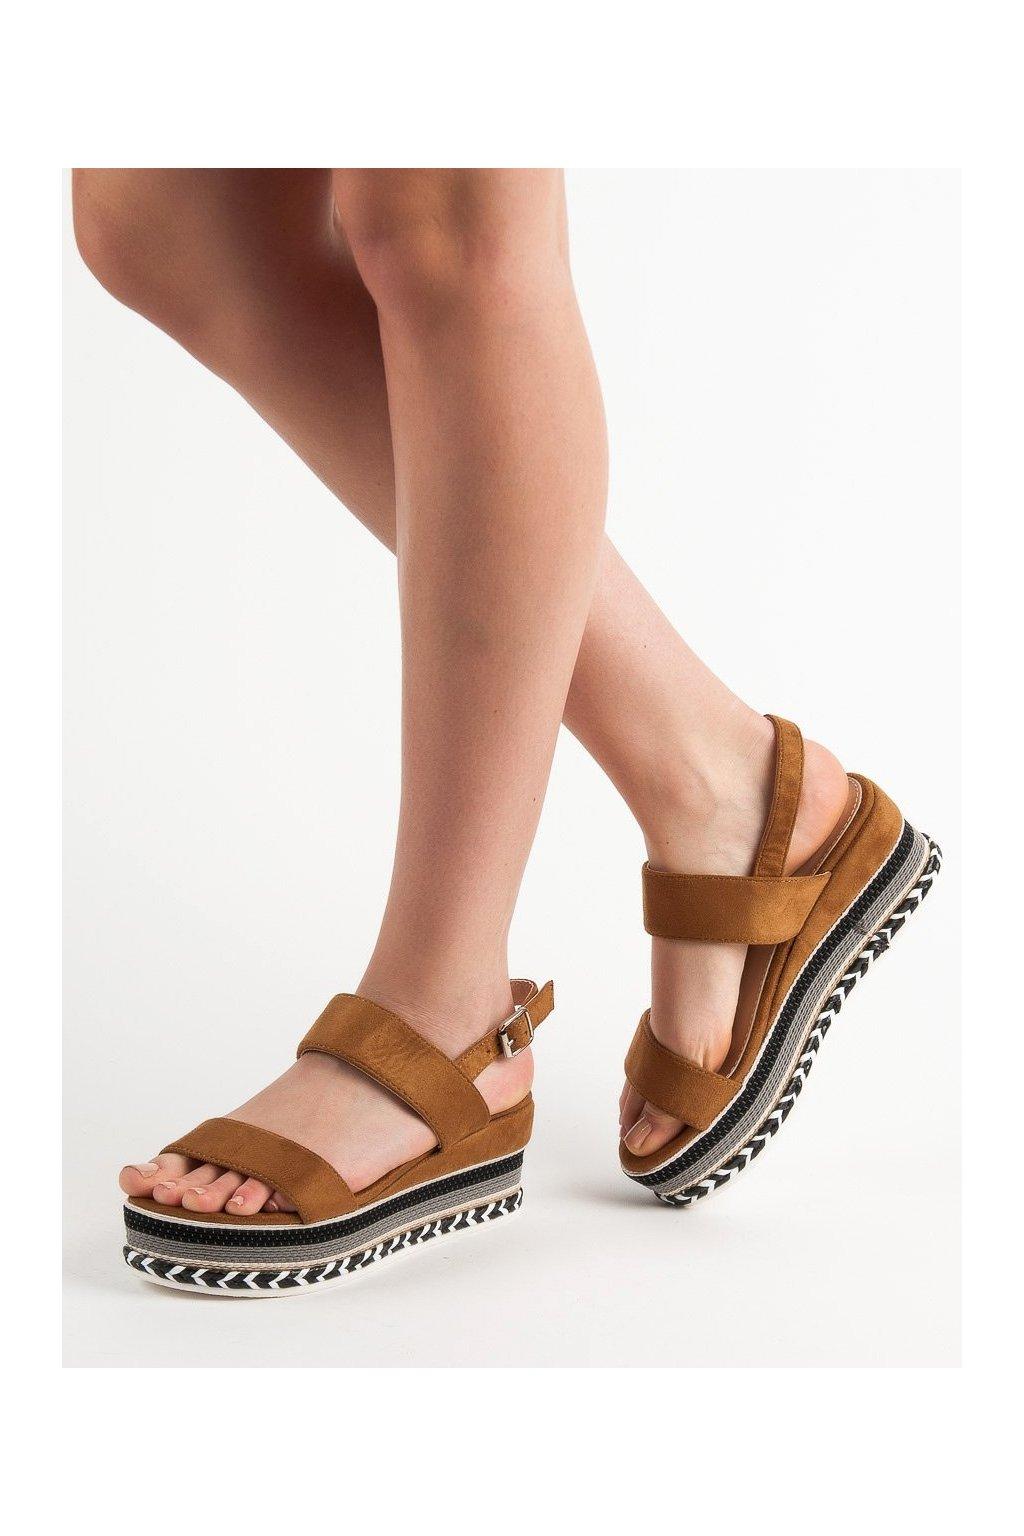 Hnedé sandále na platforme Primavera 9073C